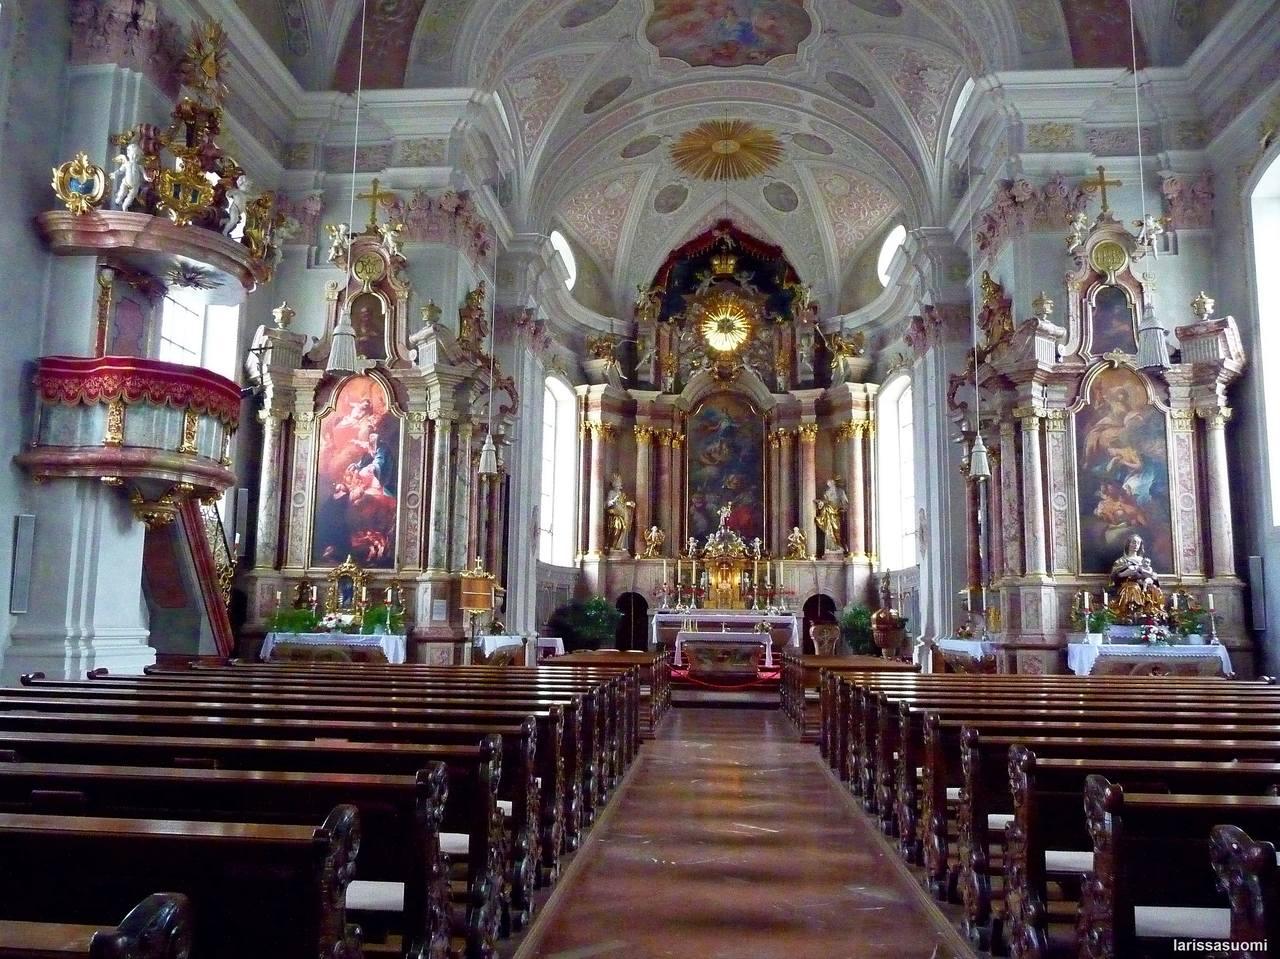 St. Johann -25-8-08 (10)